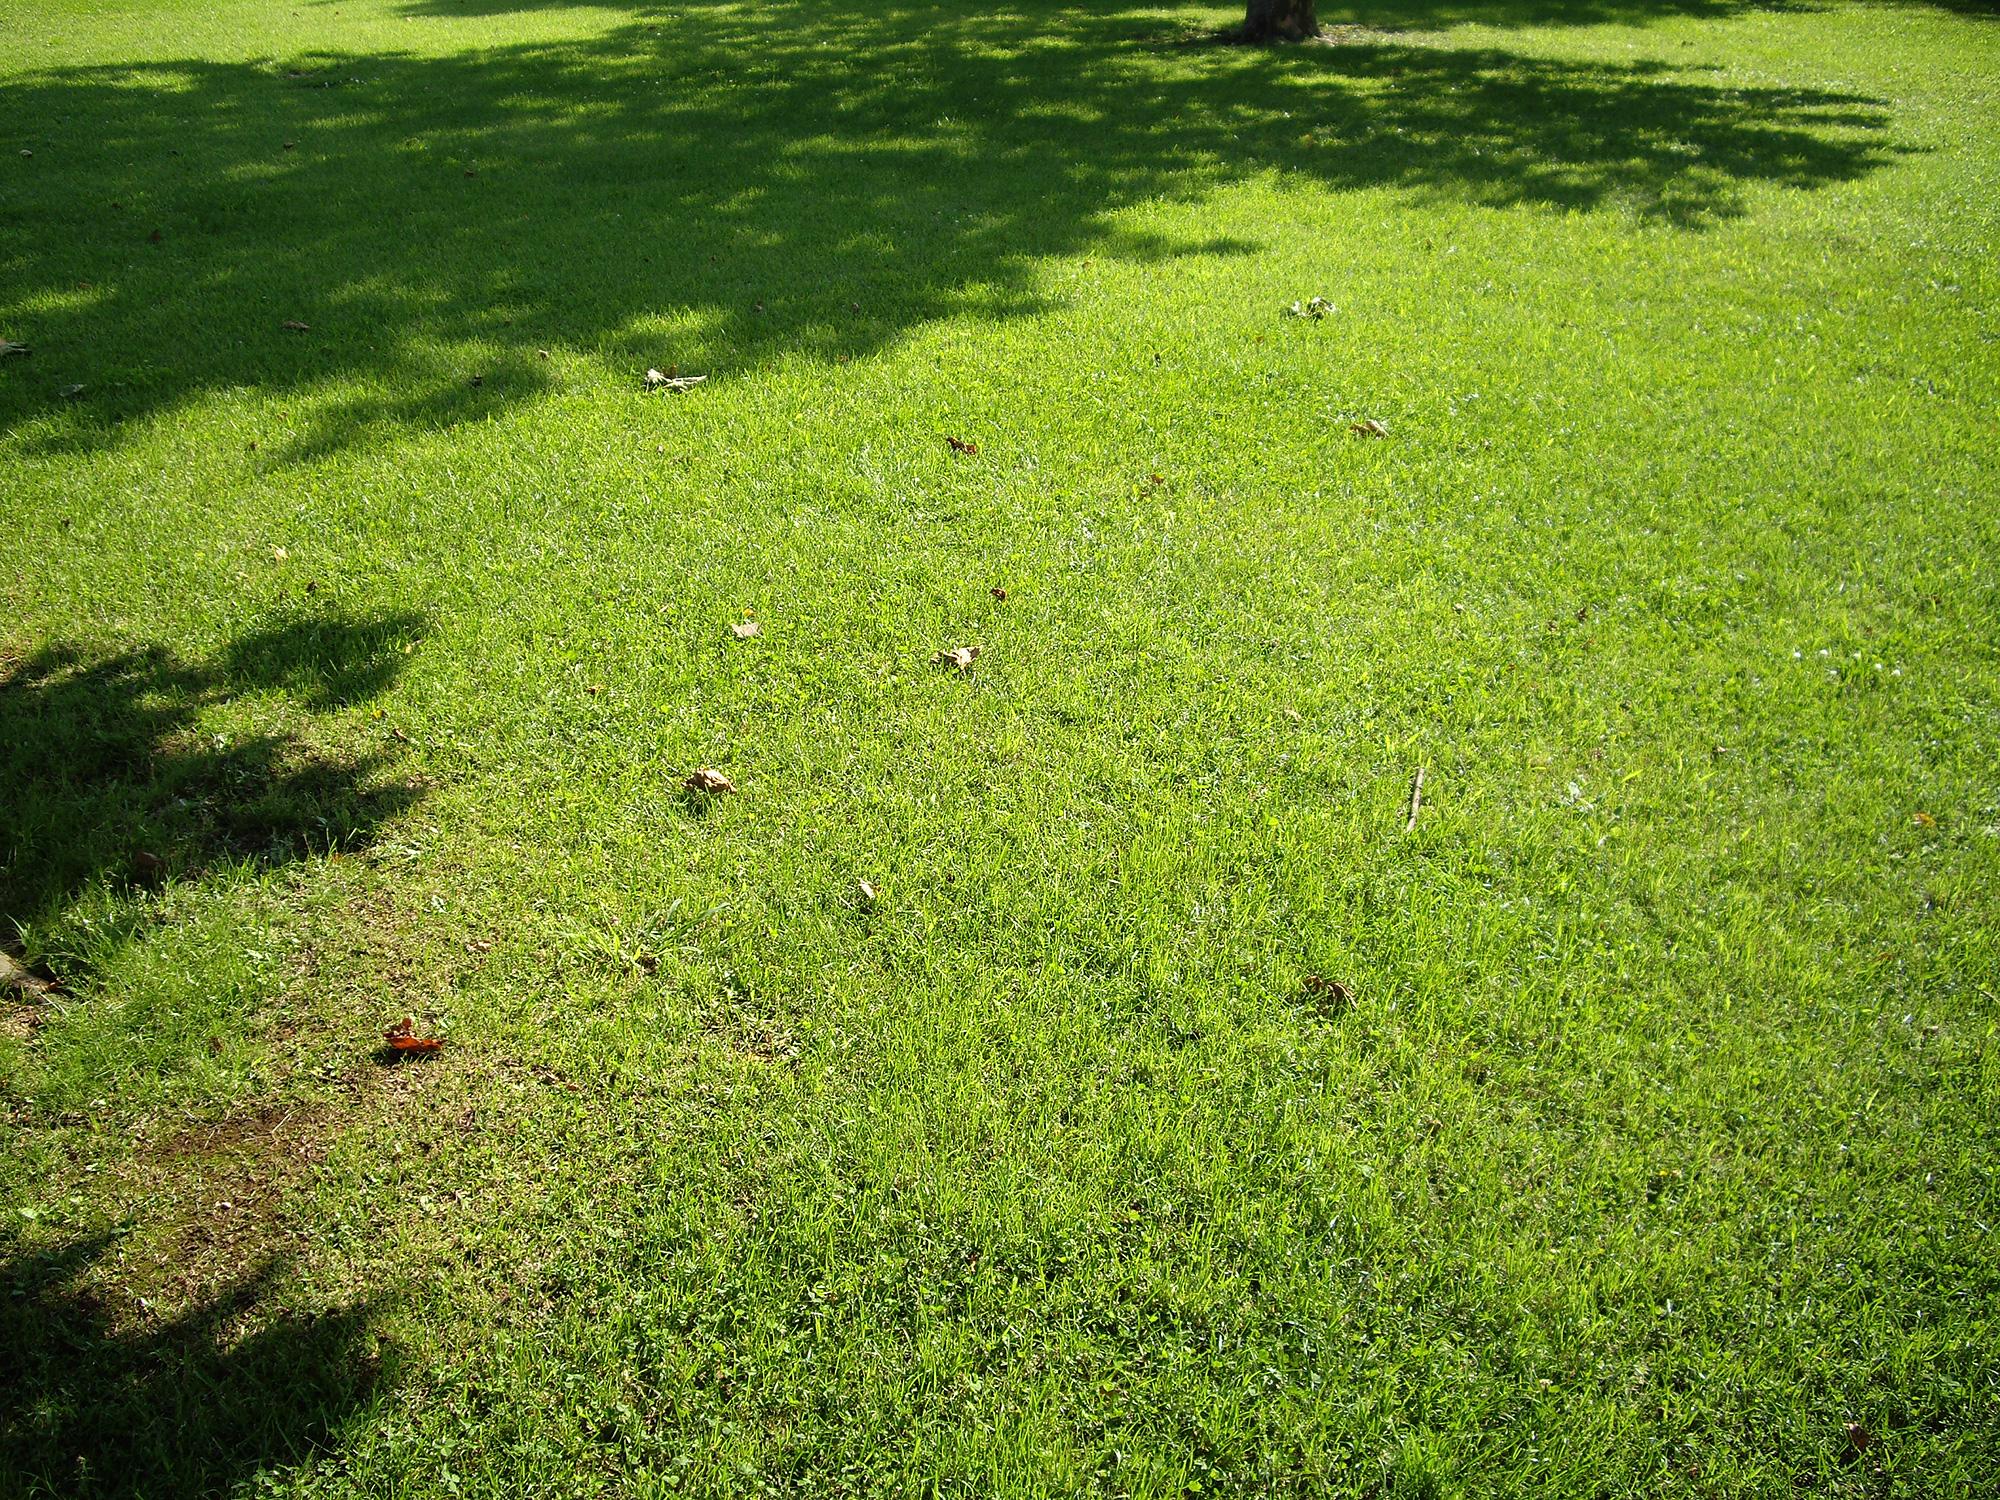 芝生の写真素材(無料)